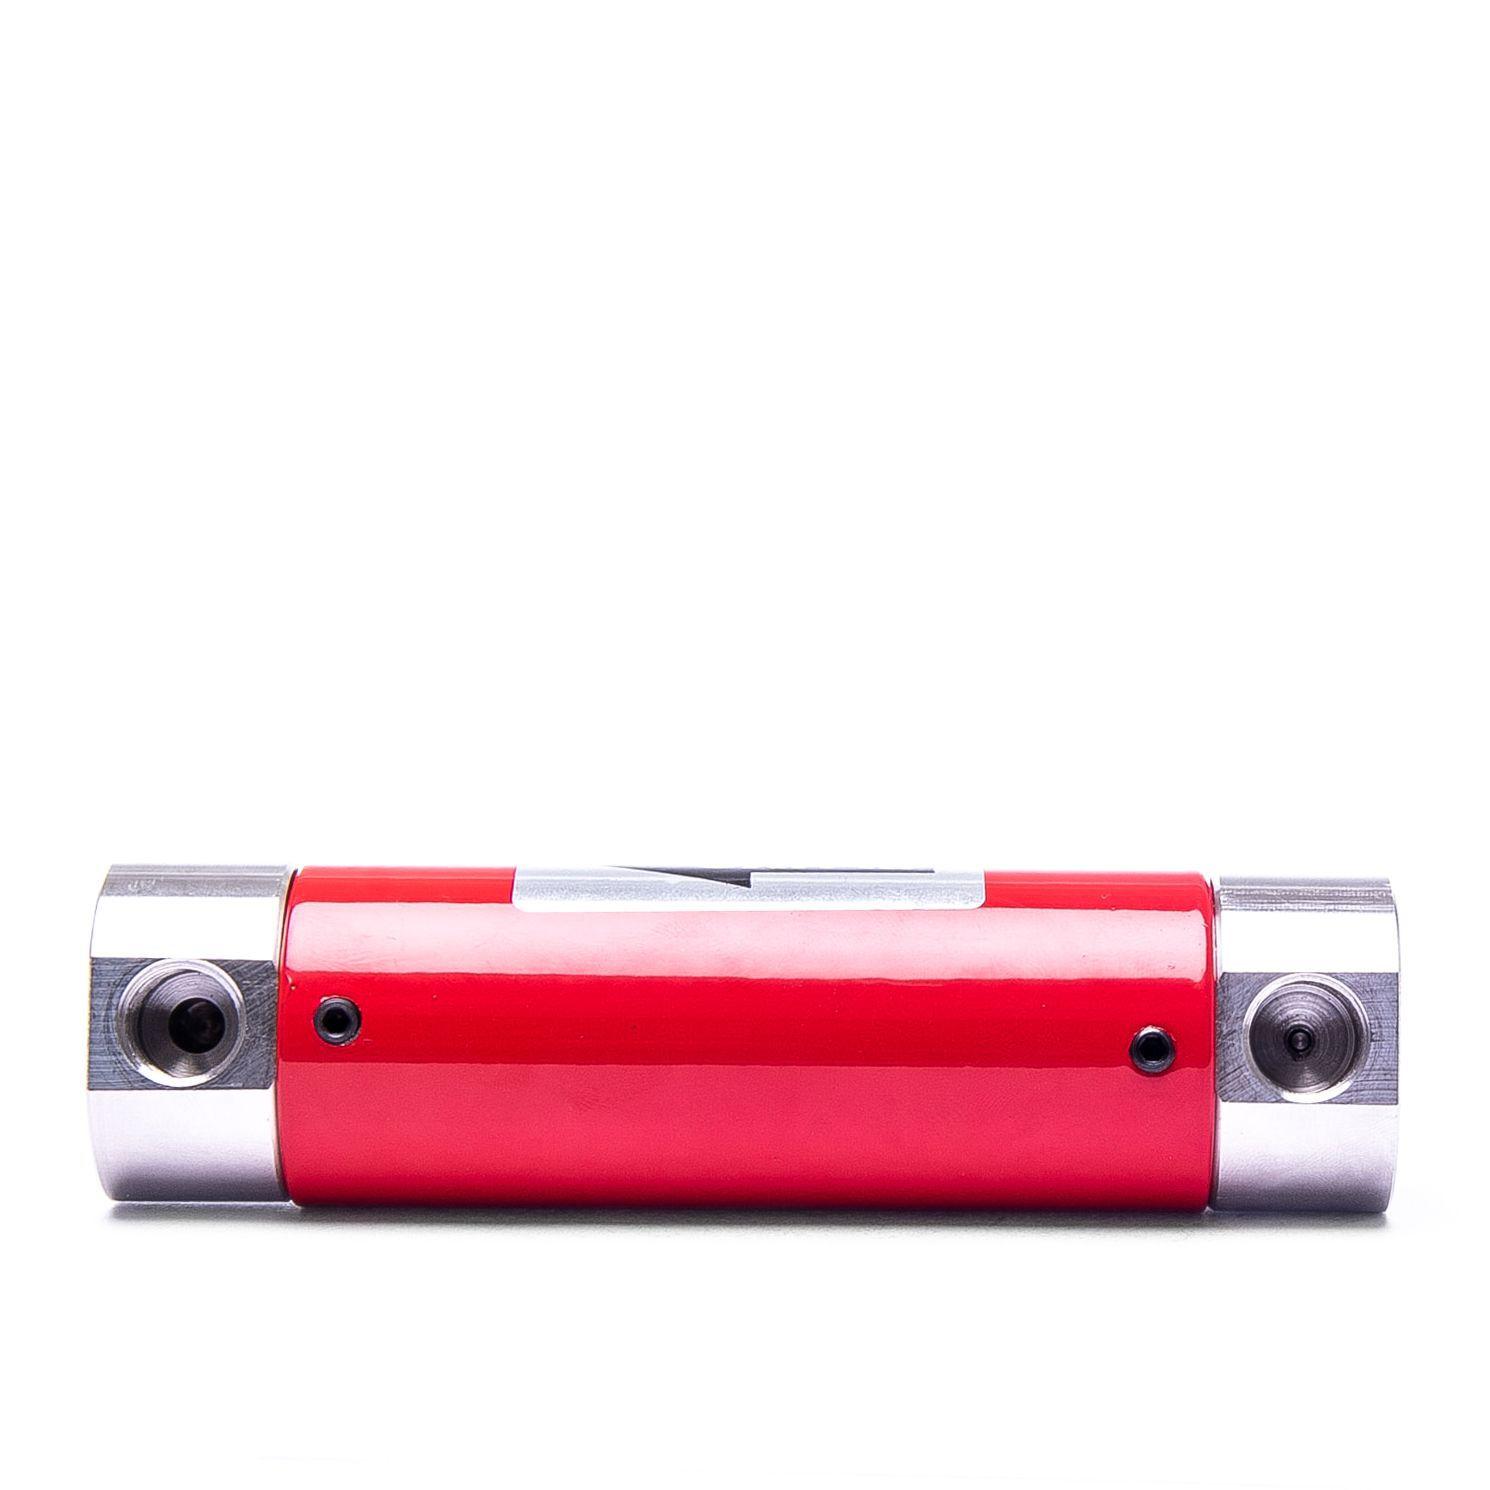 INF-R-V-14 Rotâmetro para micro vazões com válvula agulha opcional